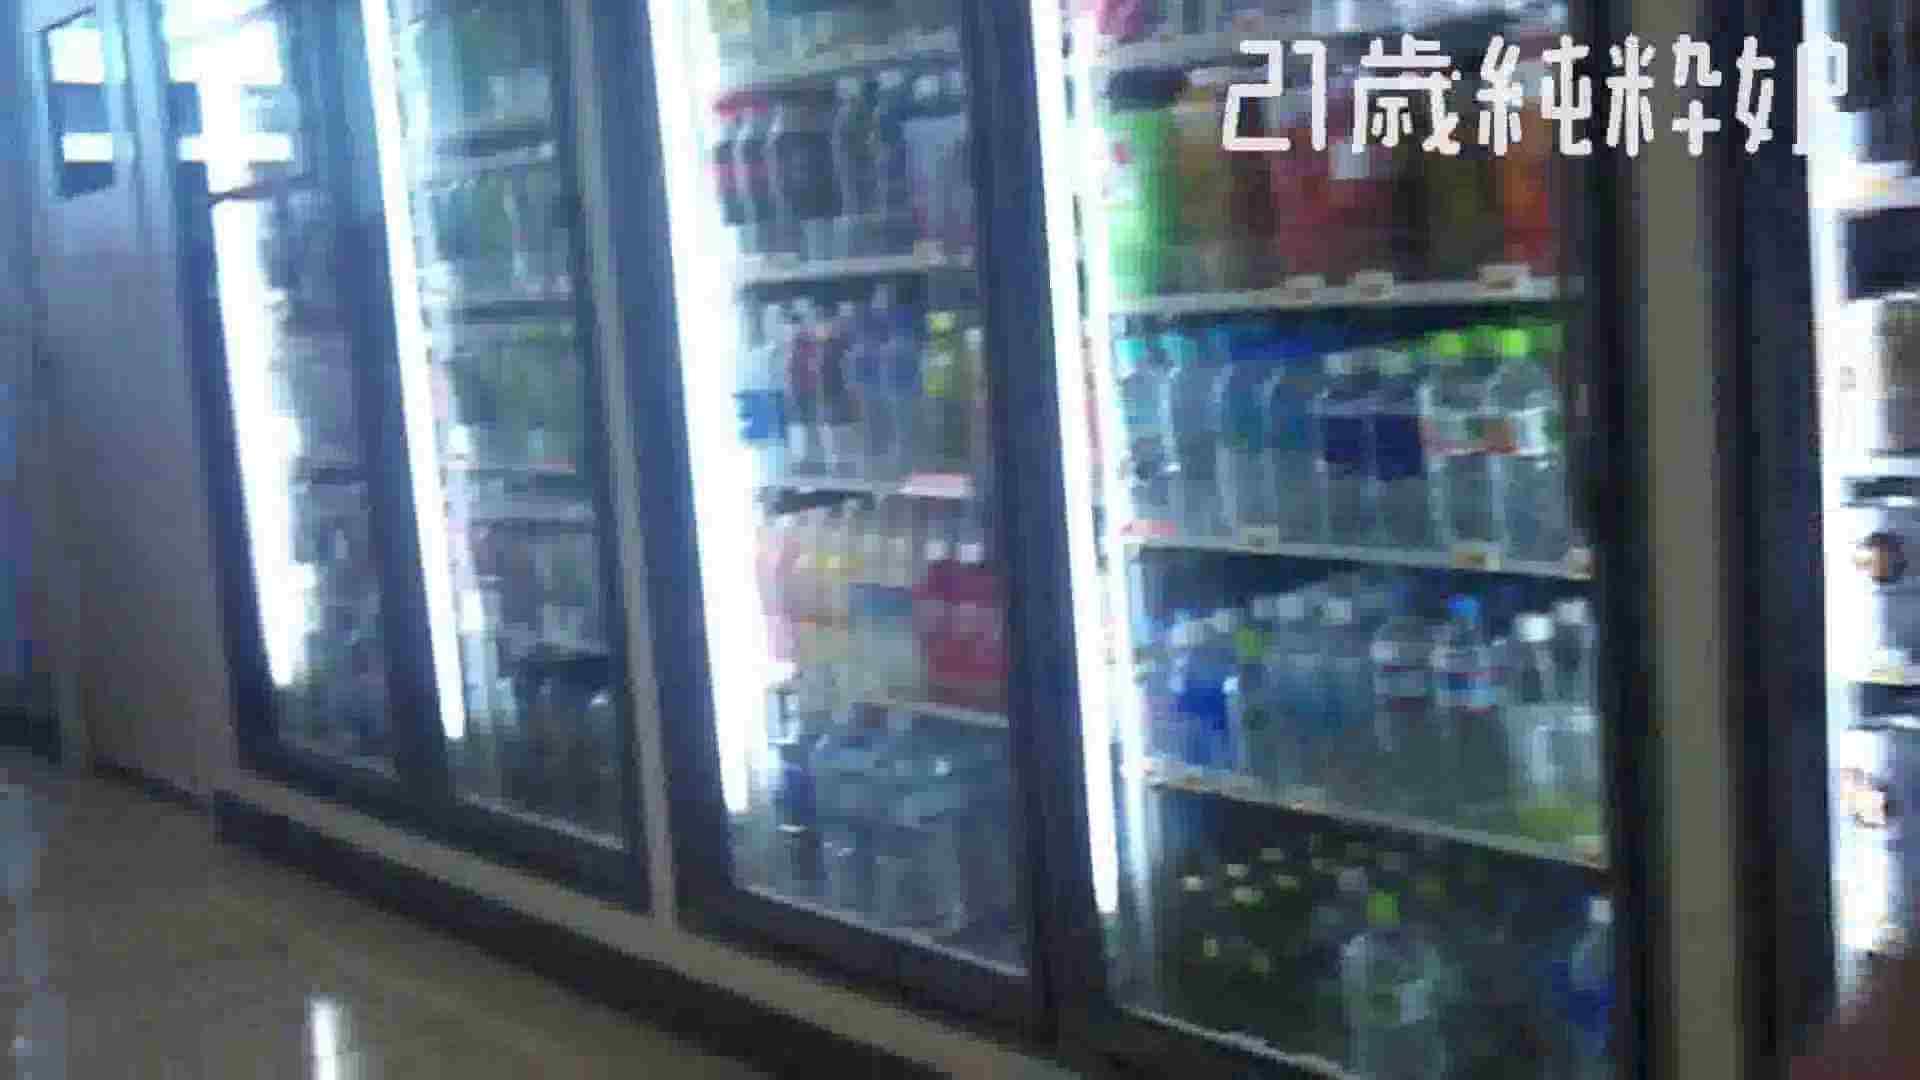 Gカップ21歳純粋嬢第2弾Vol.5 OL | 学校  75連発 69